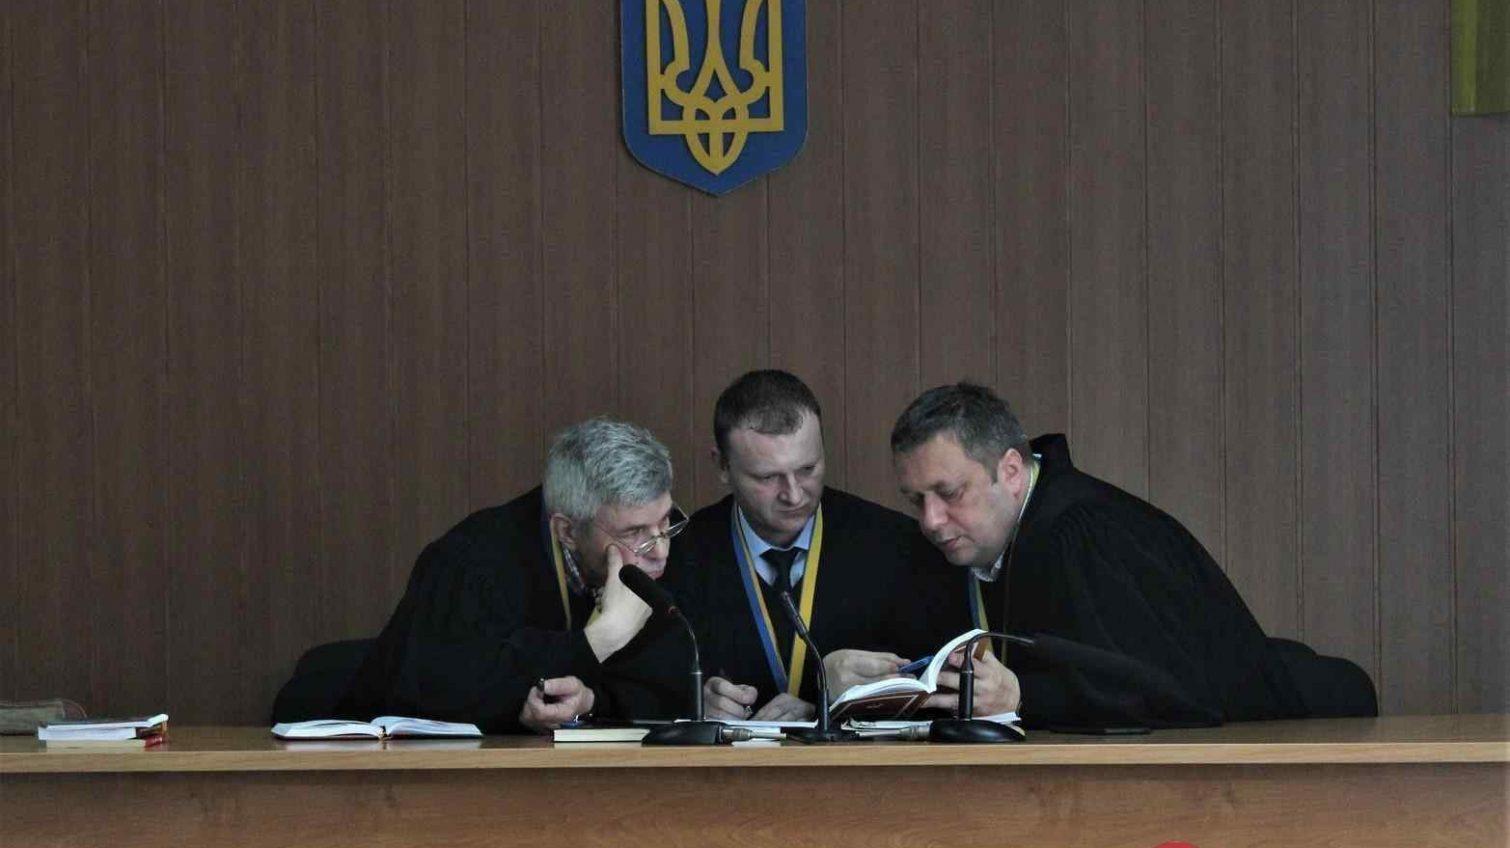 Детектива НАБУ могут привлечь за вызов на допрос судей по делу «Краяна» «фото»